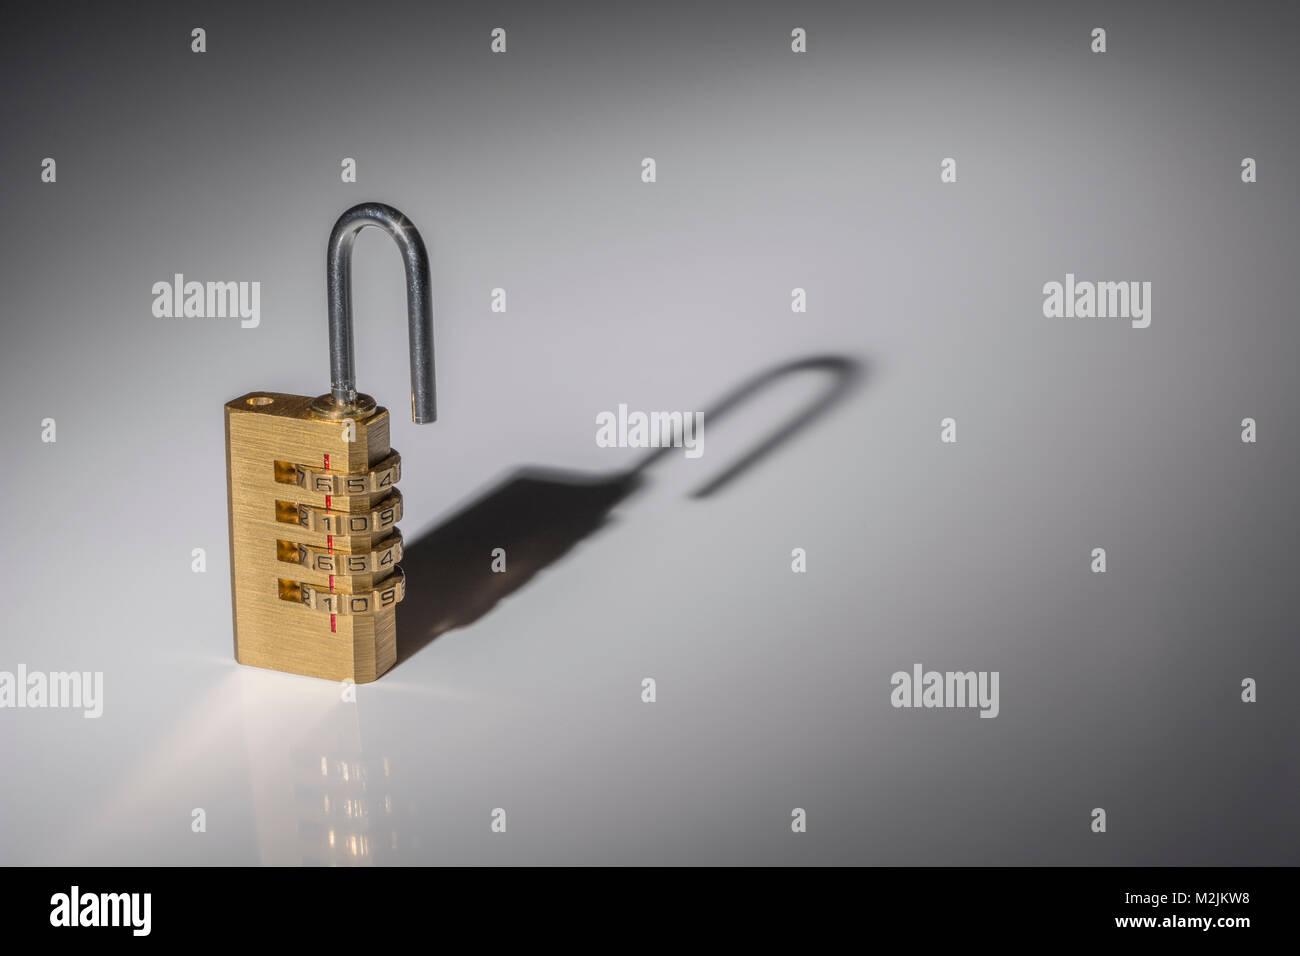 lock out metaphor stock photos lock out metaphor stock images alamy